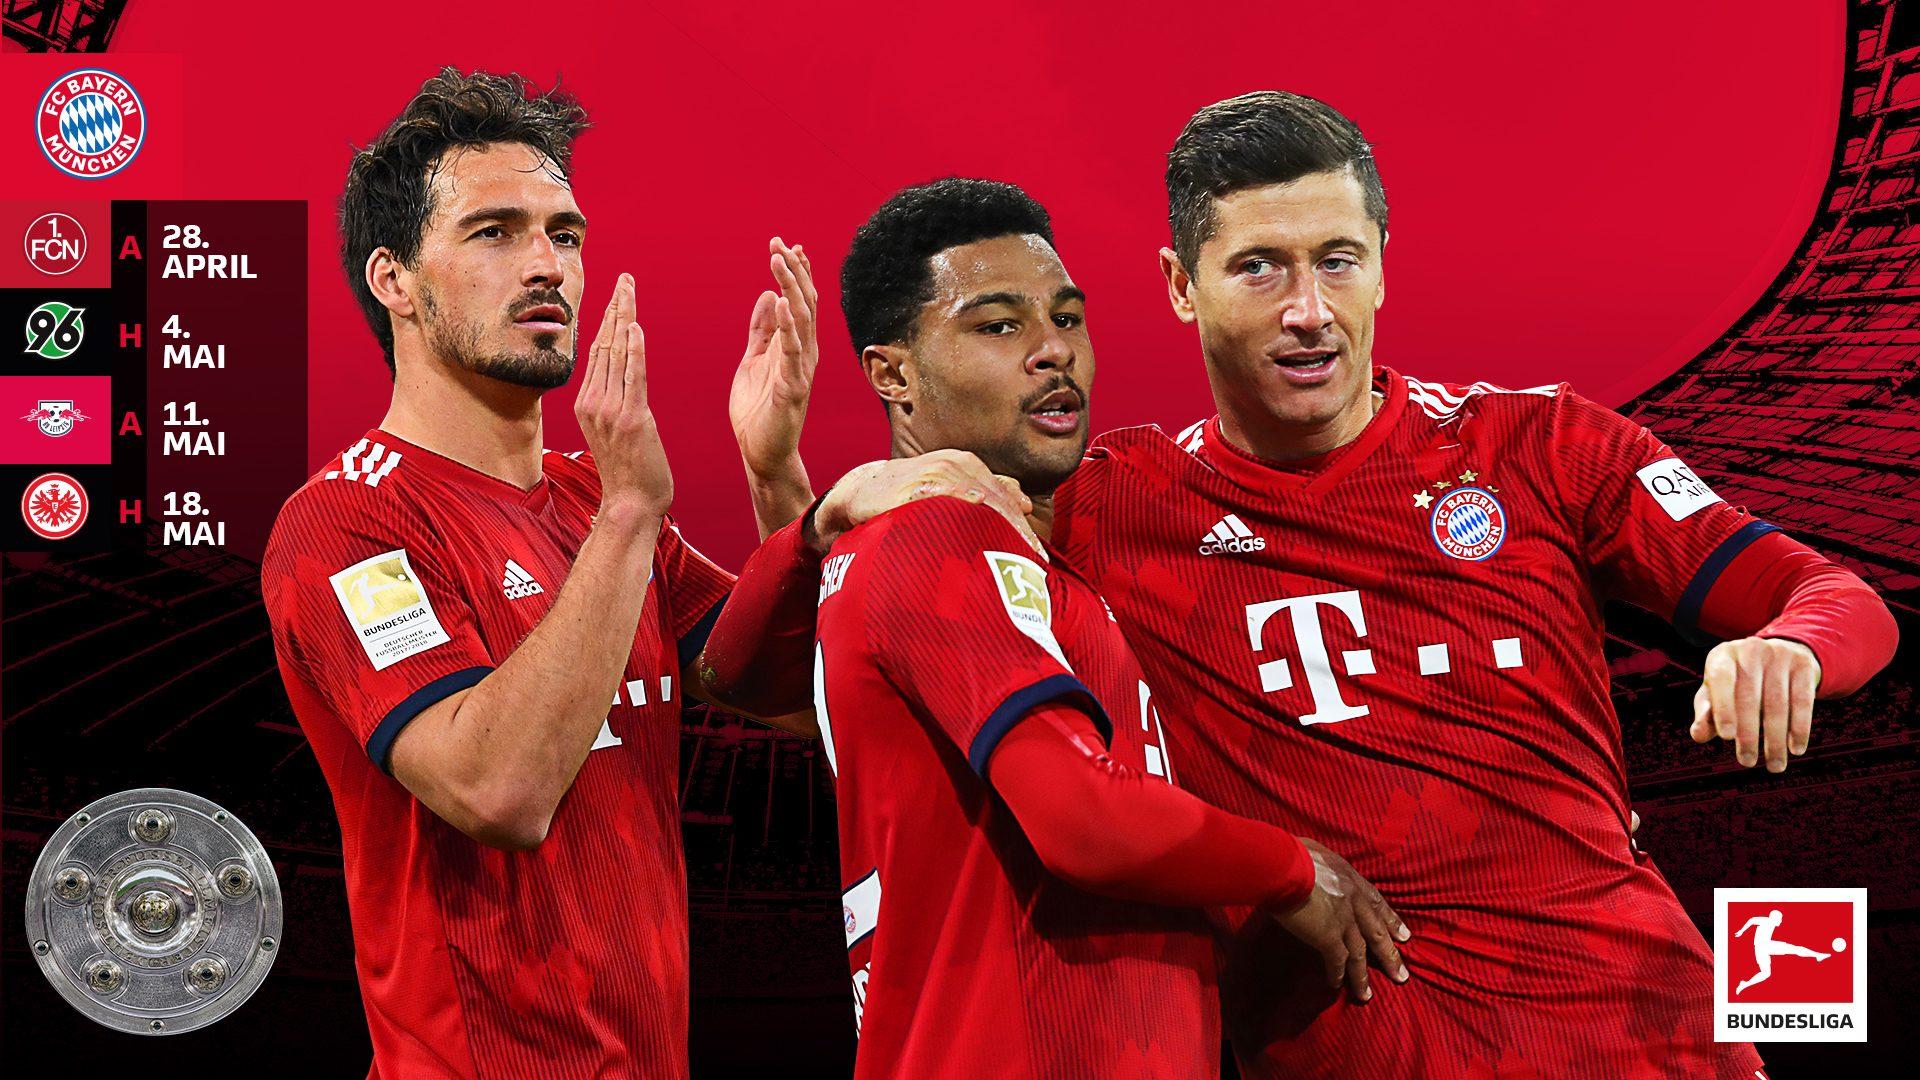 Bayern Münchens Weg zur Deutschen Meisterschaft